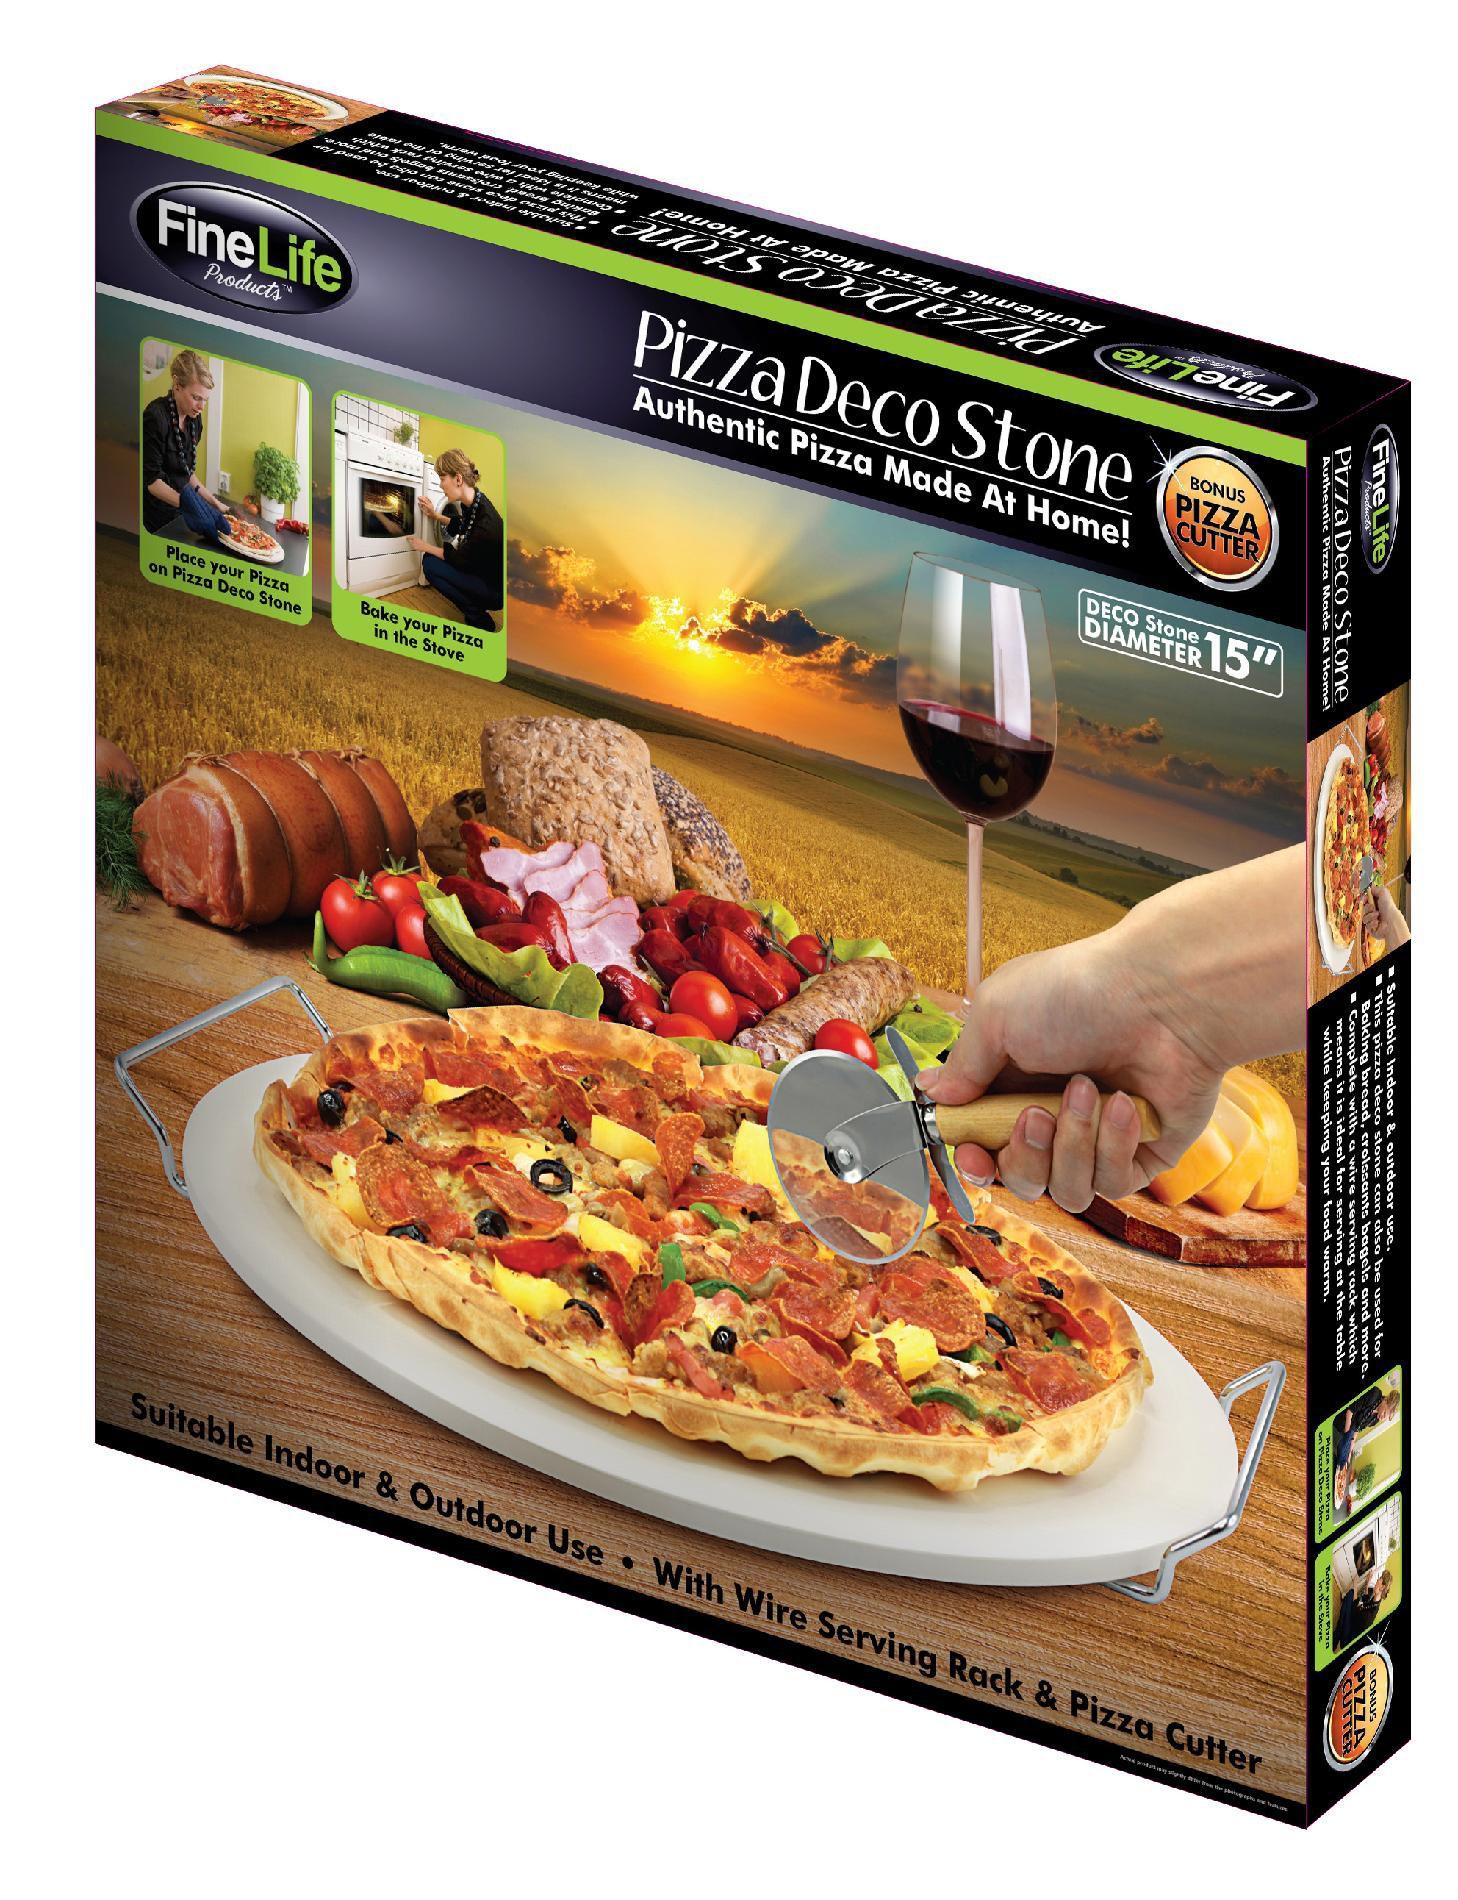 FINE LIFE Pizza Deco Stoneware